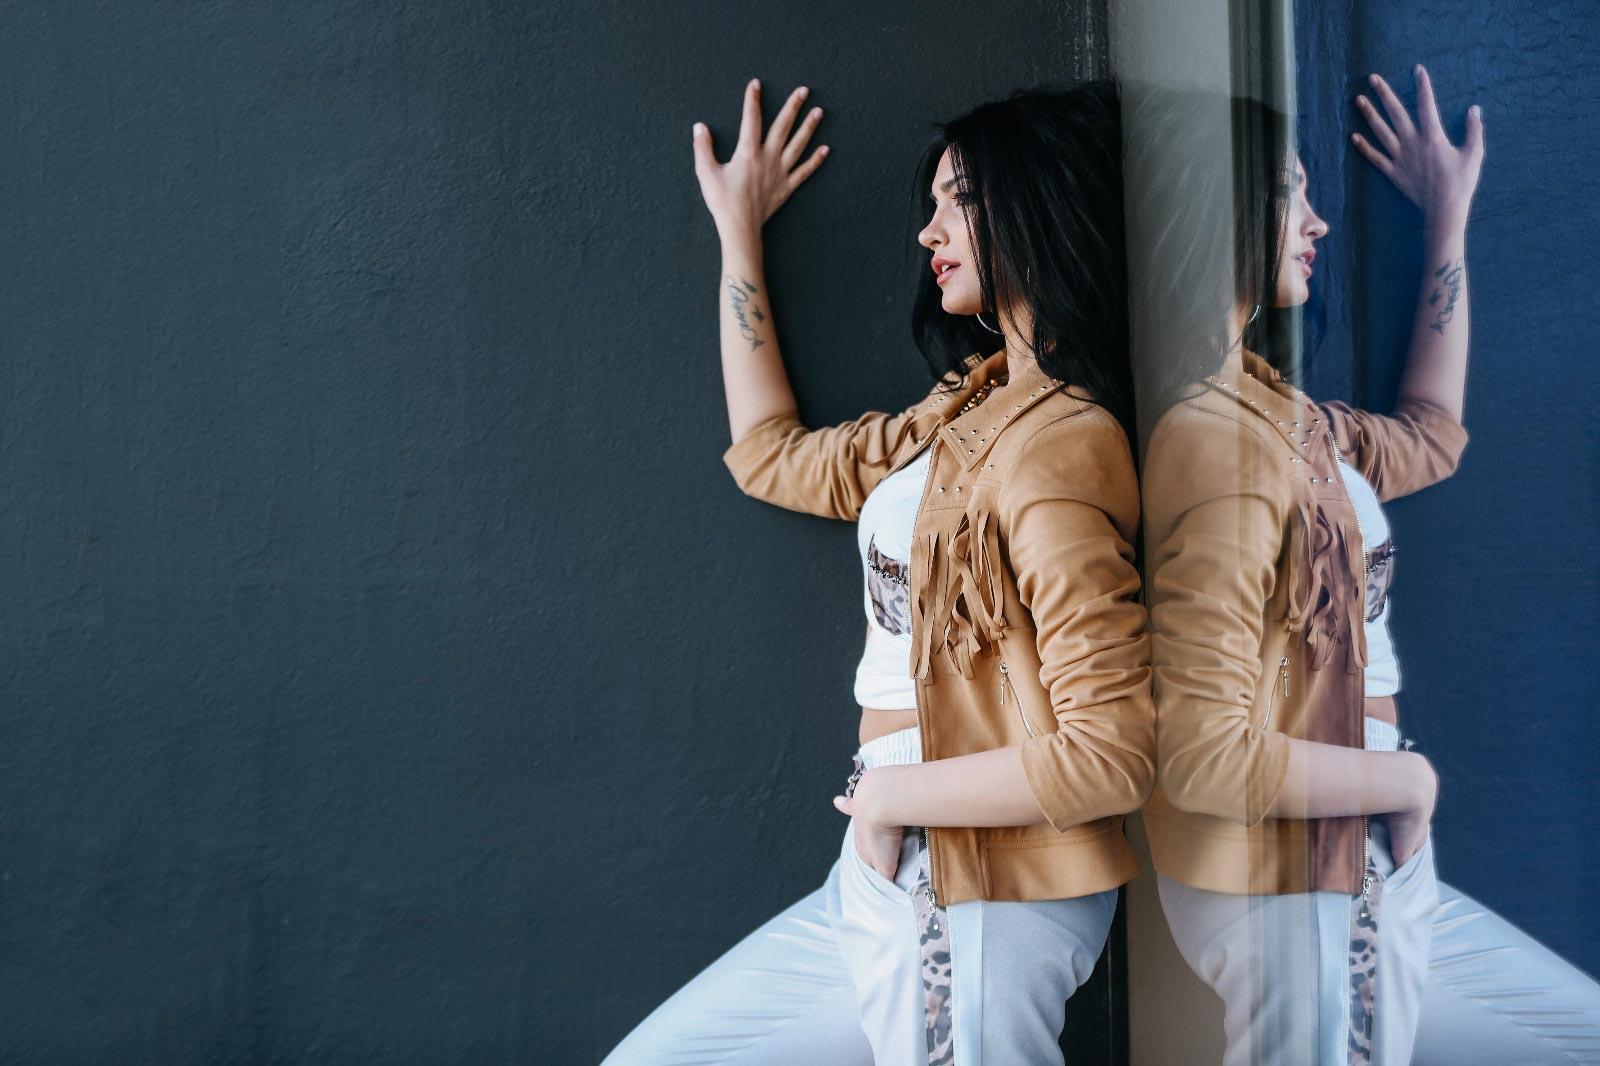 Mustafa Bayram Moda Fotoğrafçılığı Altınkare Ajans Fotoğraf Eğitmeni